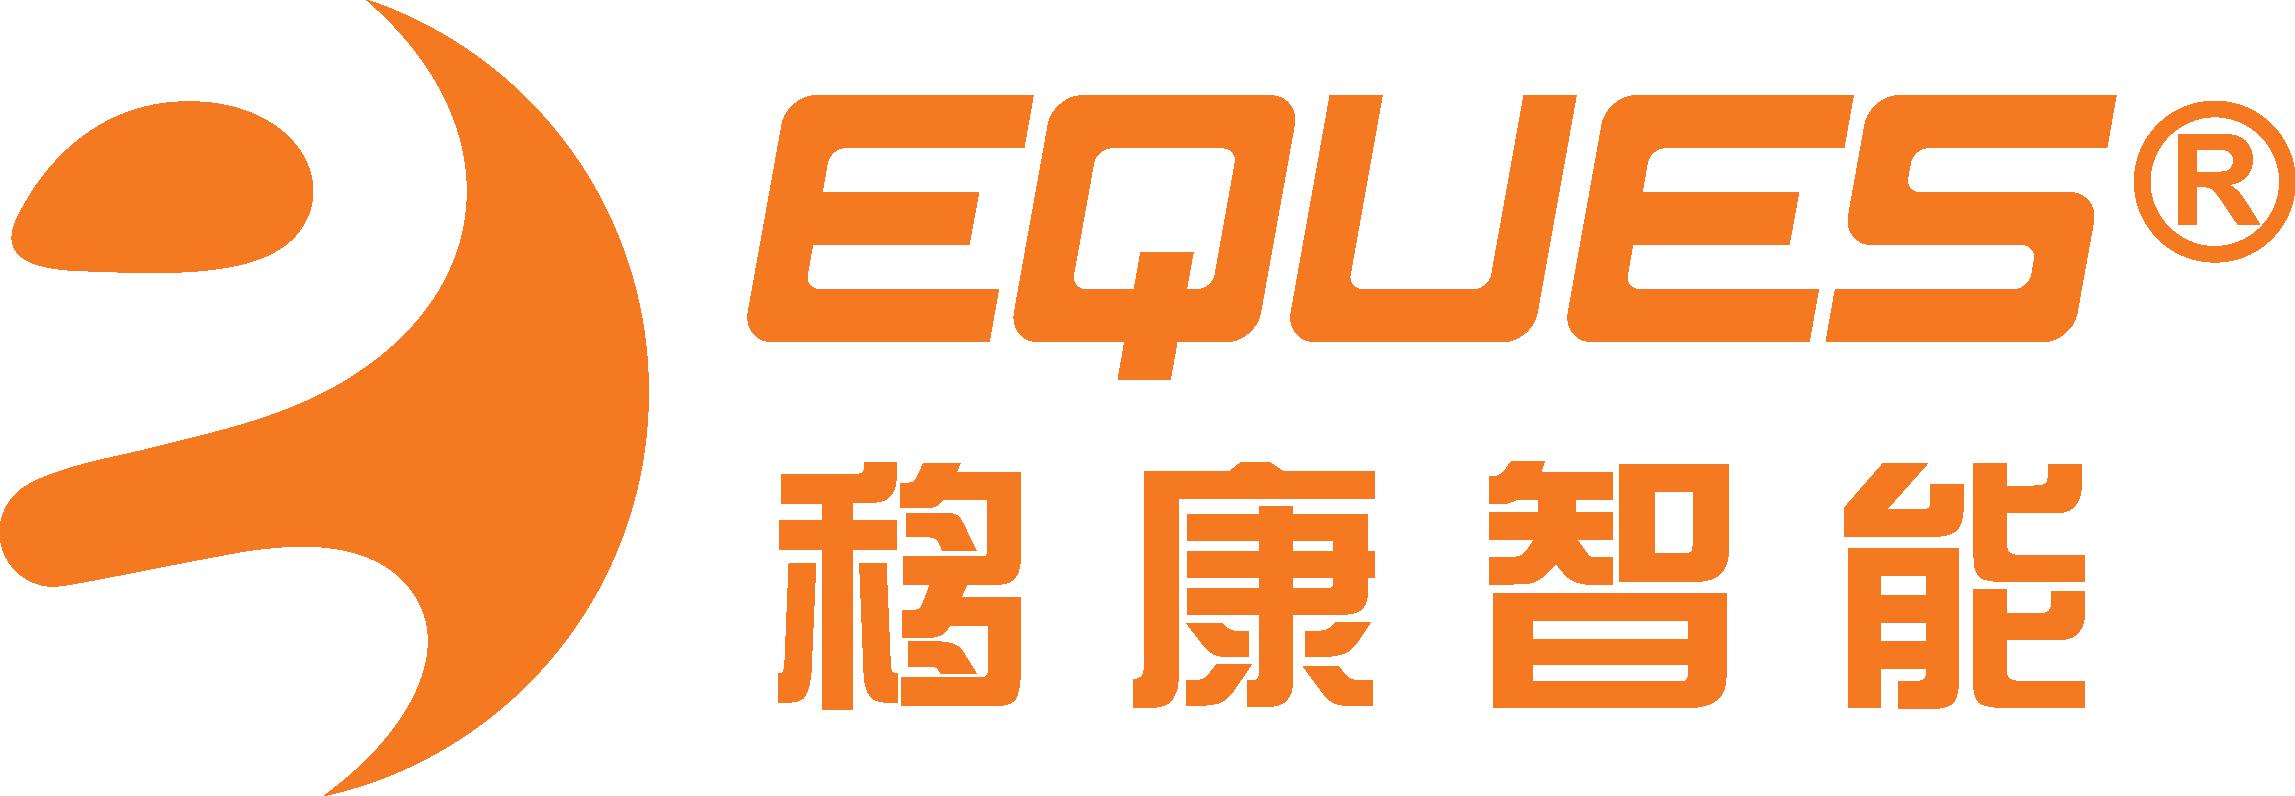 Eques_logo